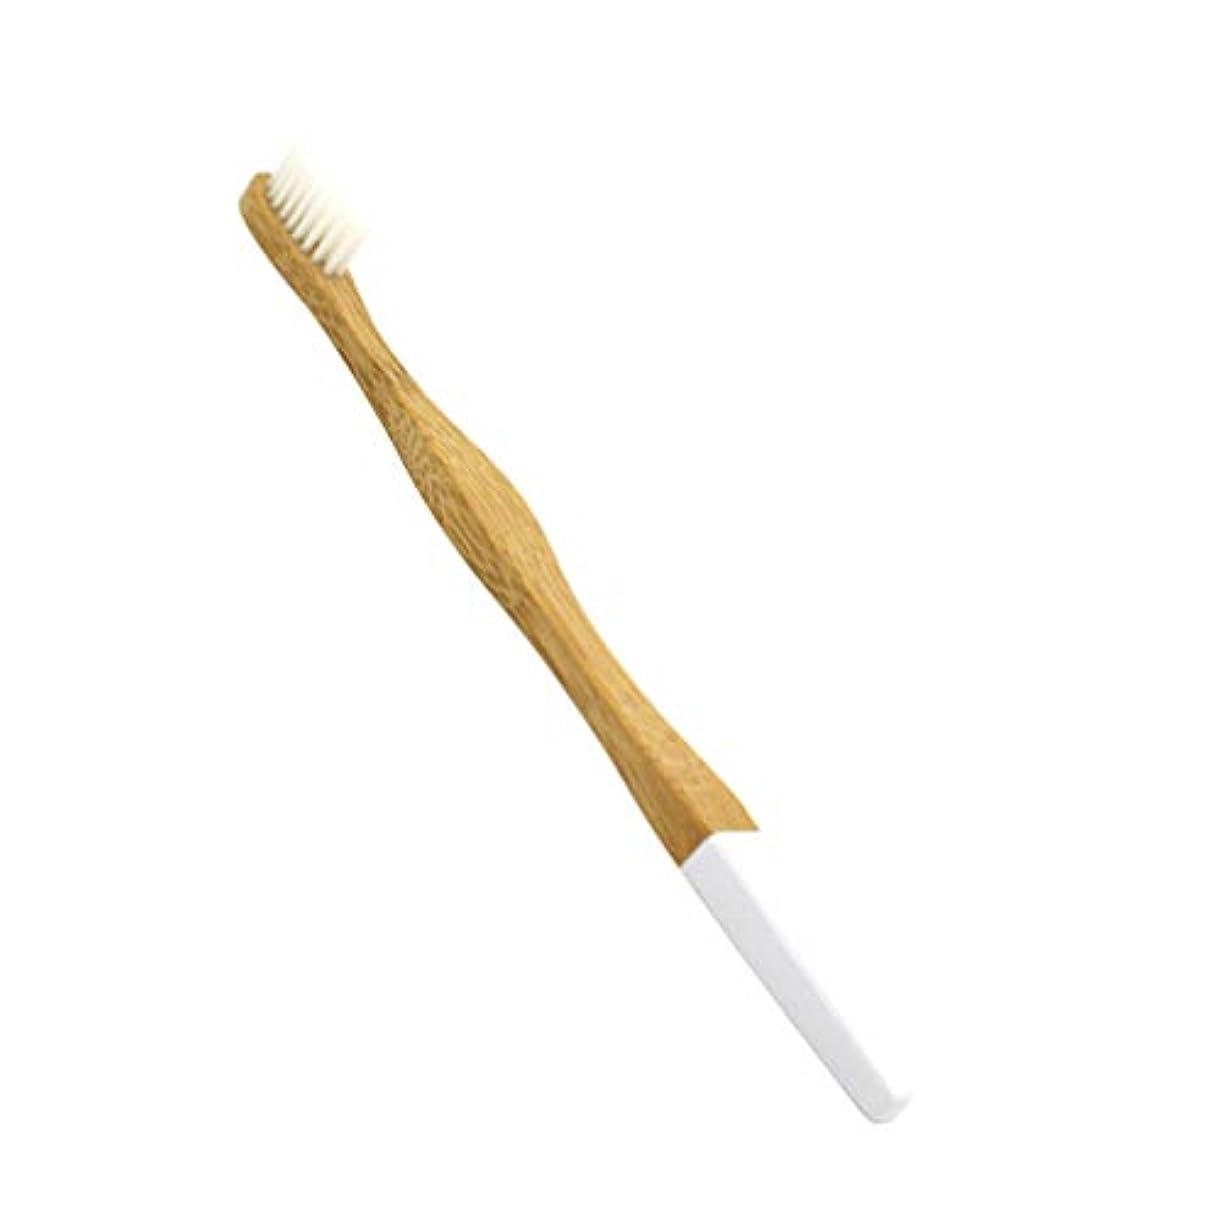 ペック割る速記Healifty 竹の歯ブラシ生分解性の柔らかい歯ブラシ柔らかいブラシクラフトペーパーバッグ包装大人1個(白)